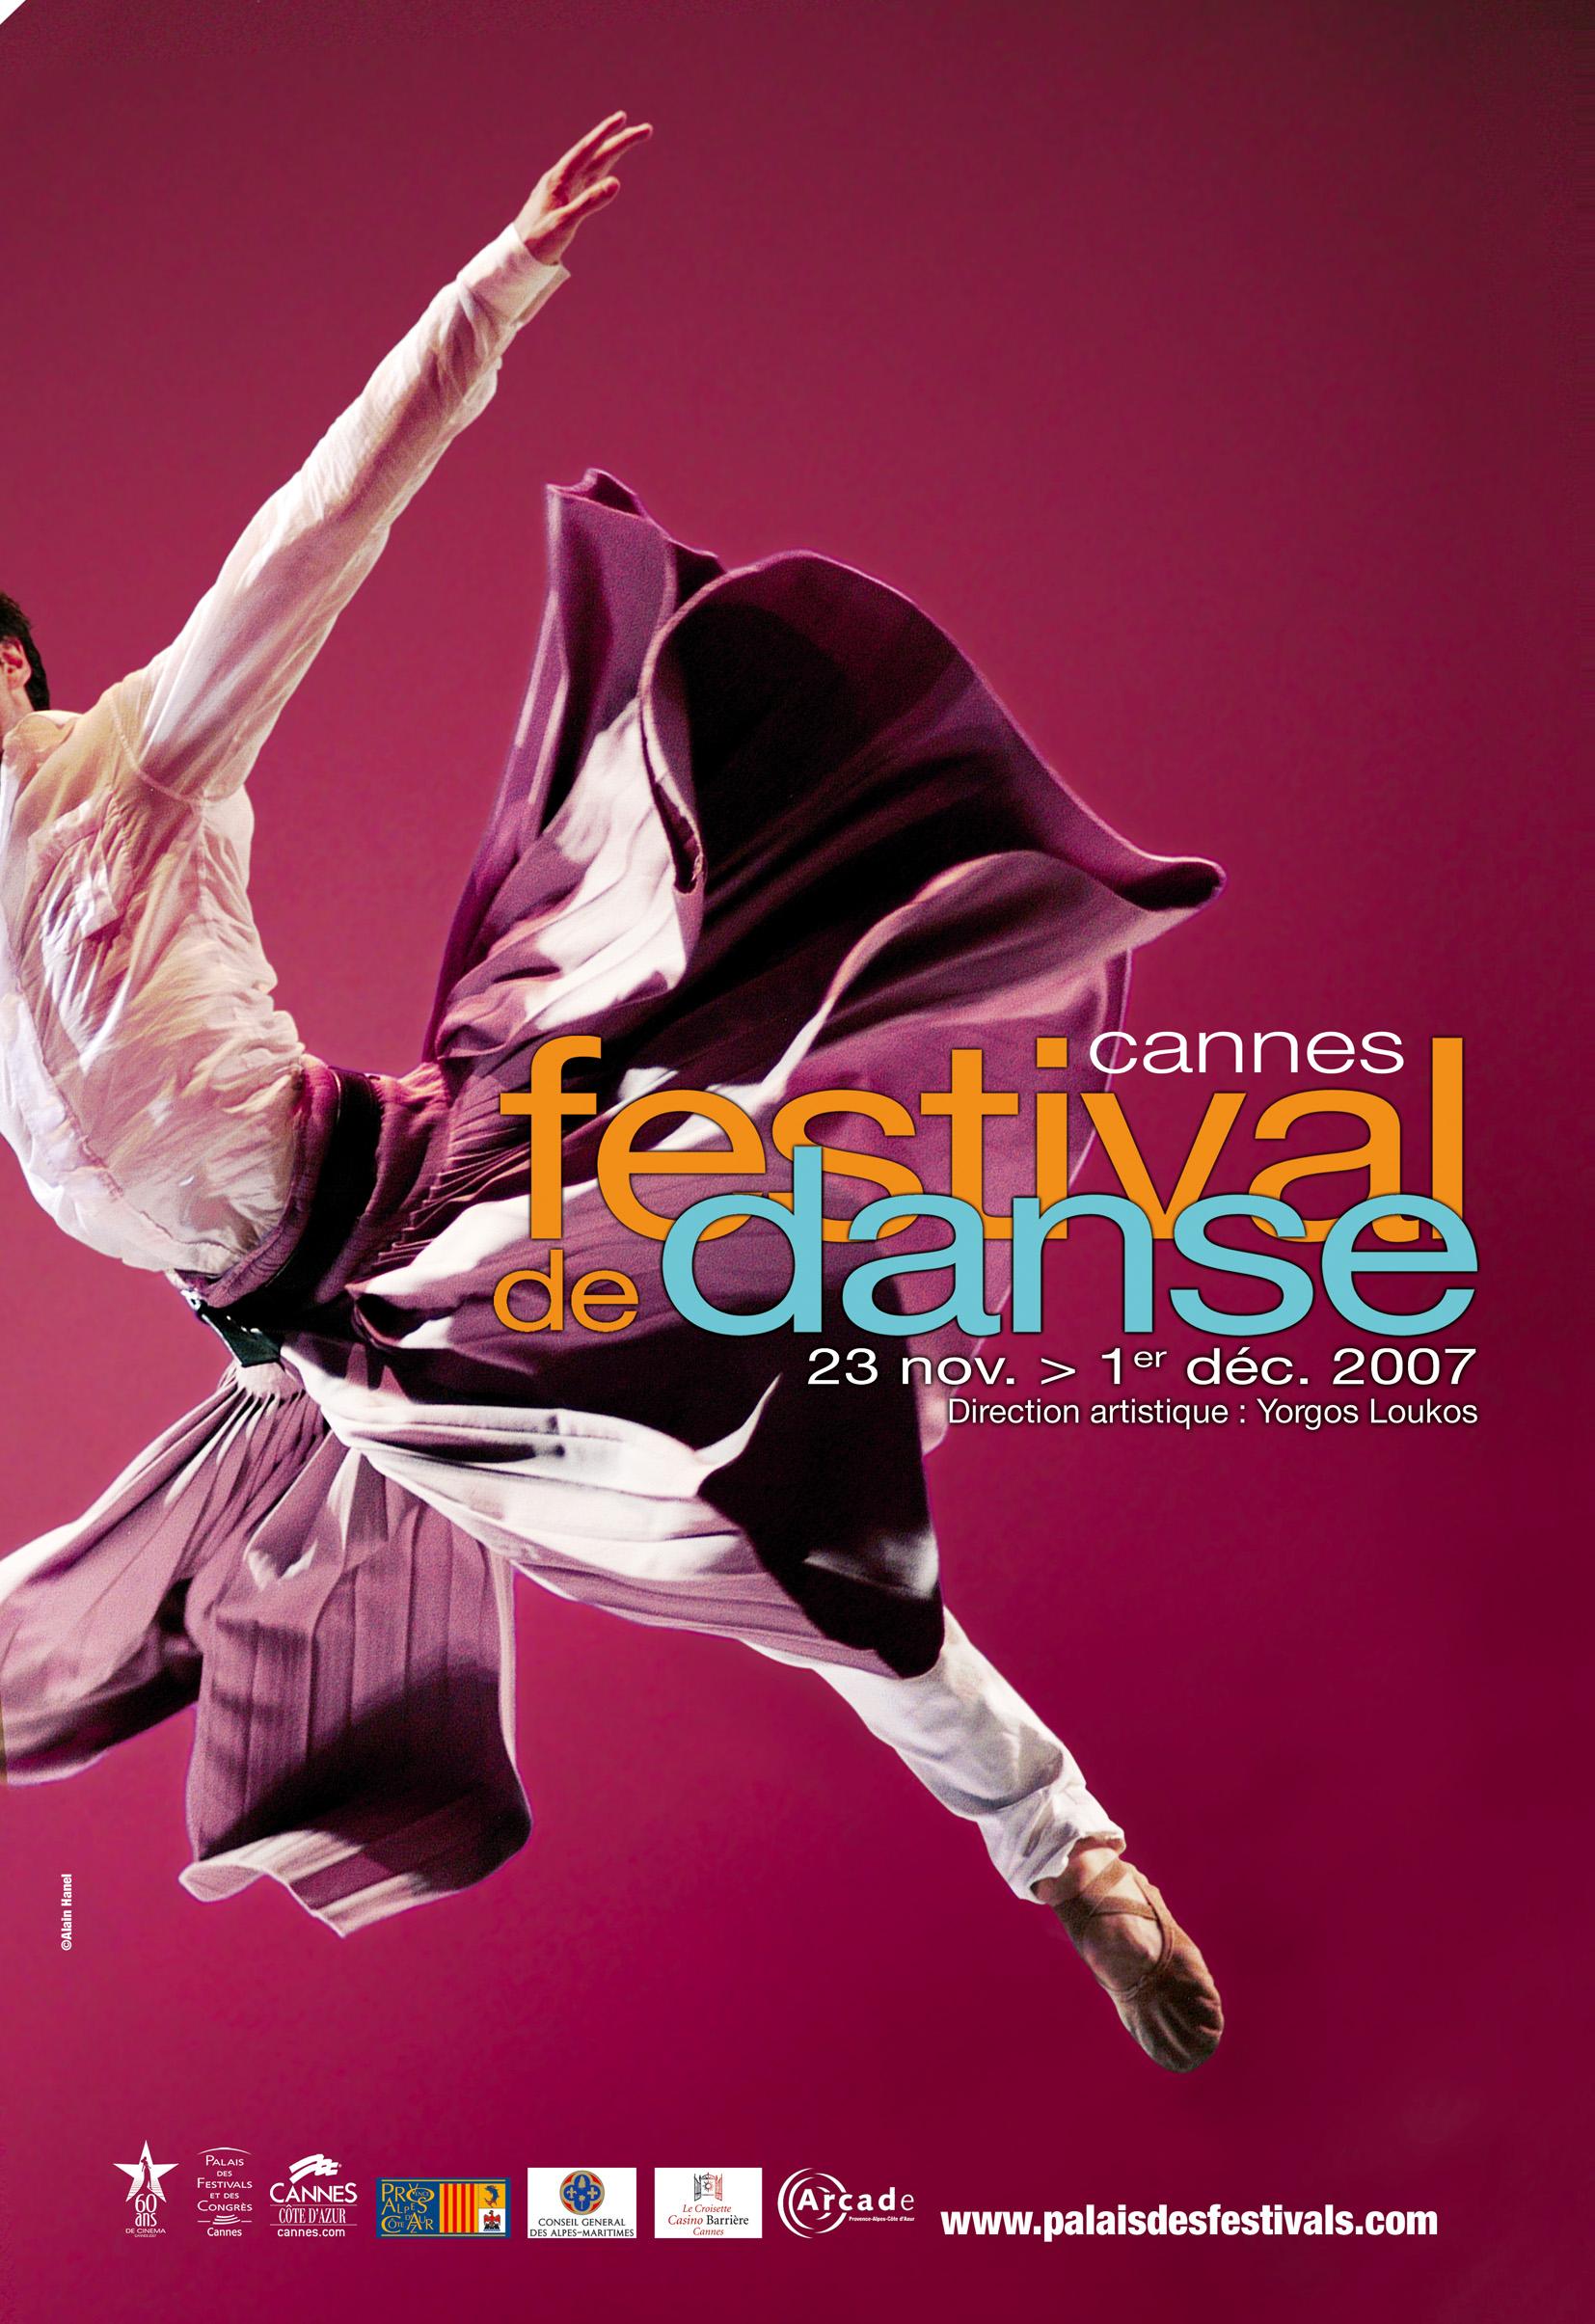 Festival de Danse Cannes 2017